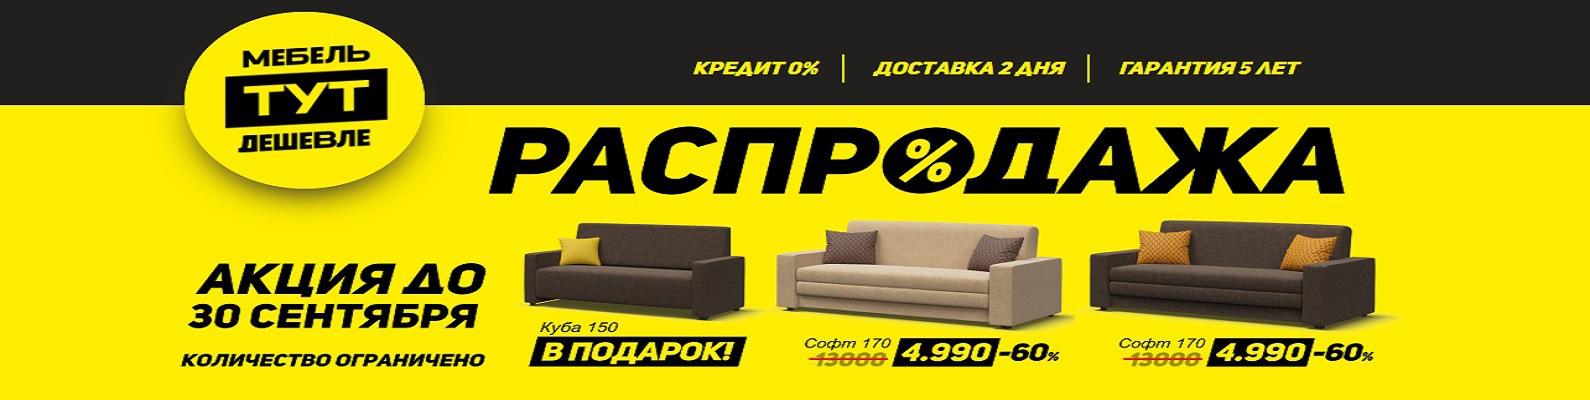 мебель тут йошкар ола вконтакте